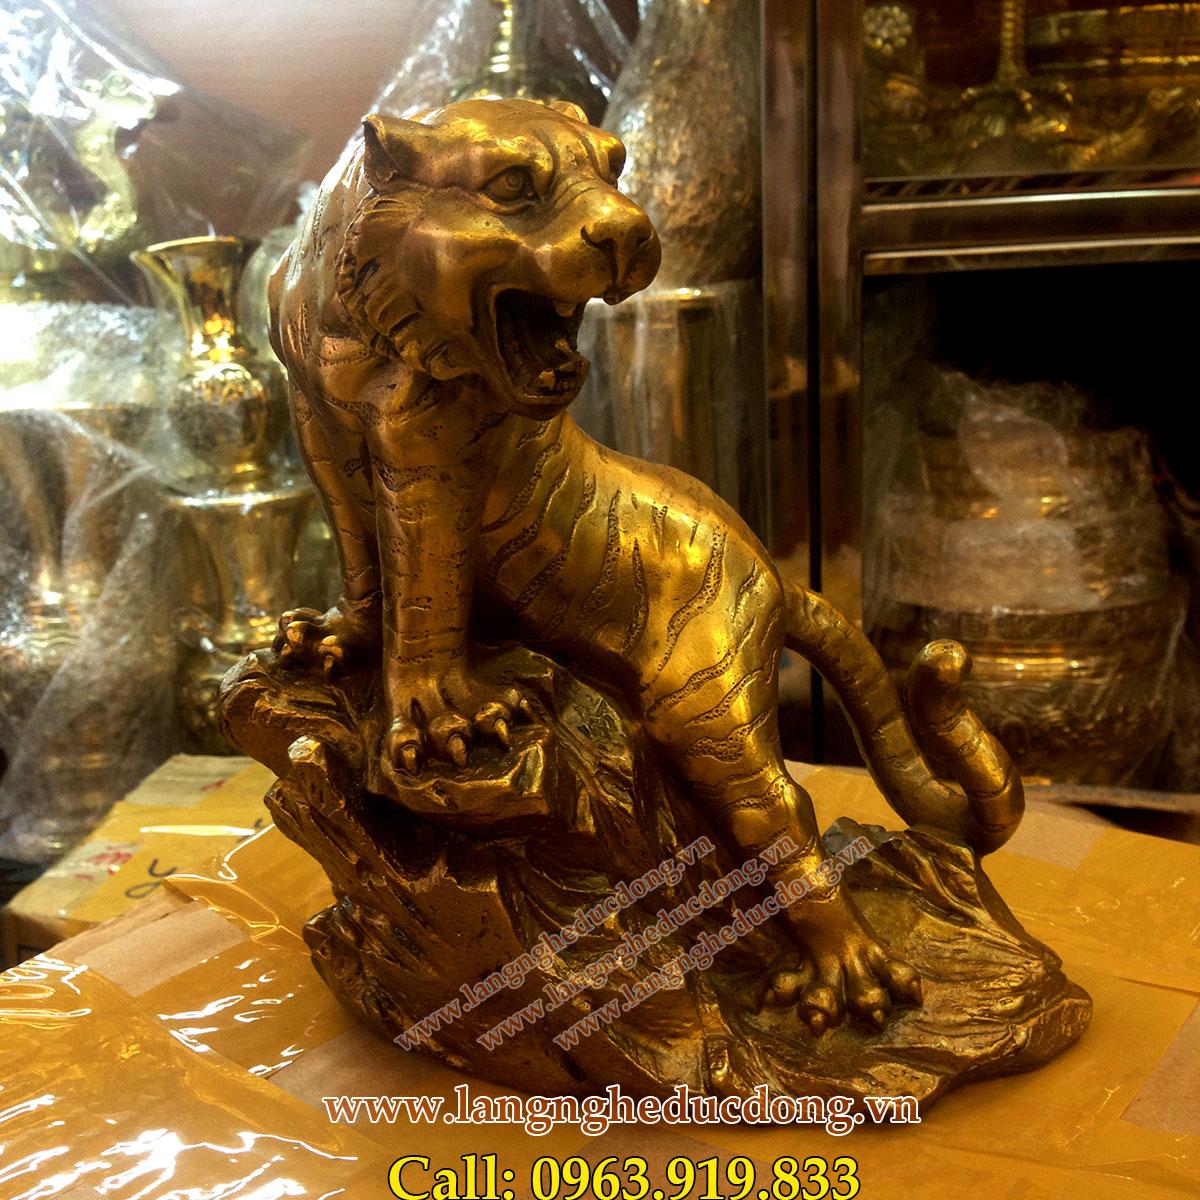 langngheducdong.vn - Tượng hổ đồng phong thủy cao 22cm, hổ bằng đồng